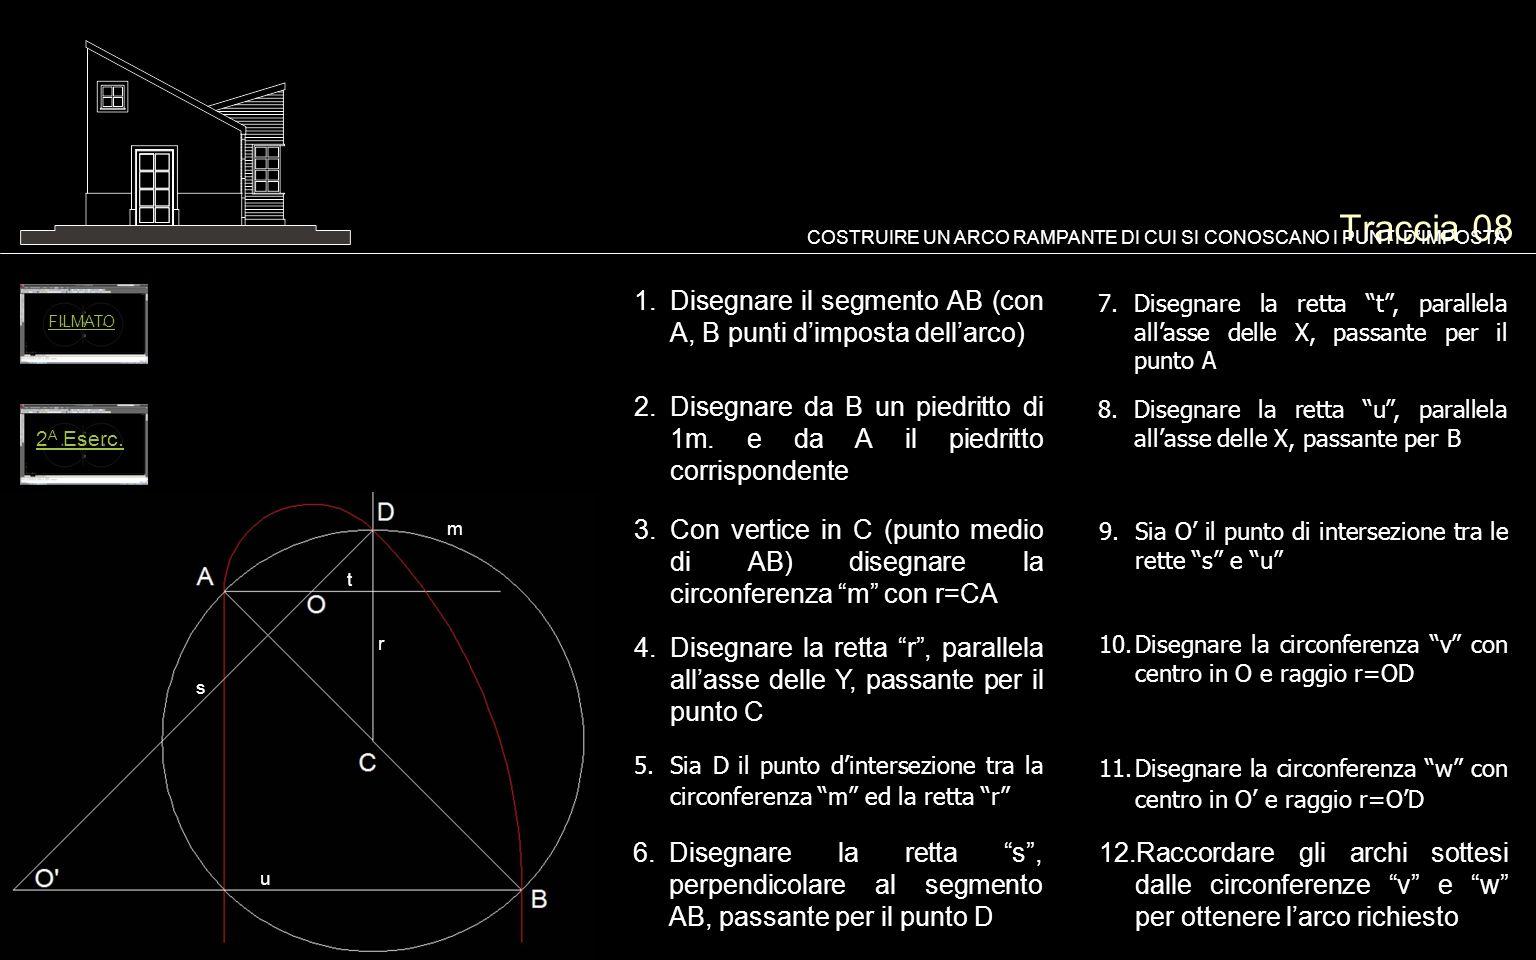 Traccia 08 COSTRUIRE UN ARCO RAMPANTE DI CUI SI CONOSCANO I PUNTI D'IMPOSTA. FILMATO. Disegnare il segmento AB (con A, B punti d'imposta dell'arco)